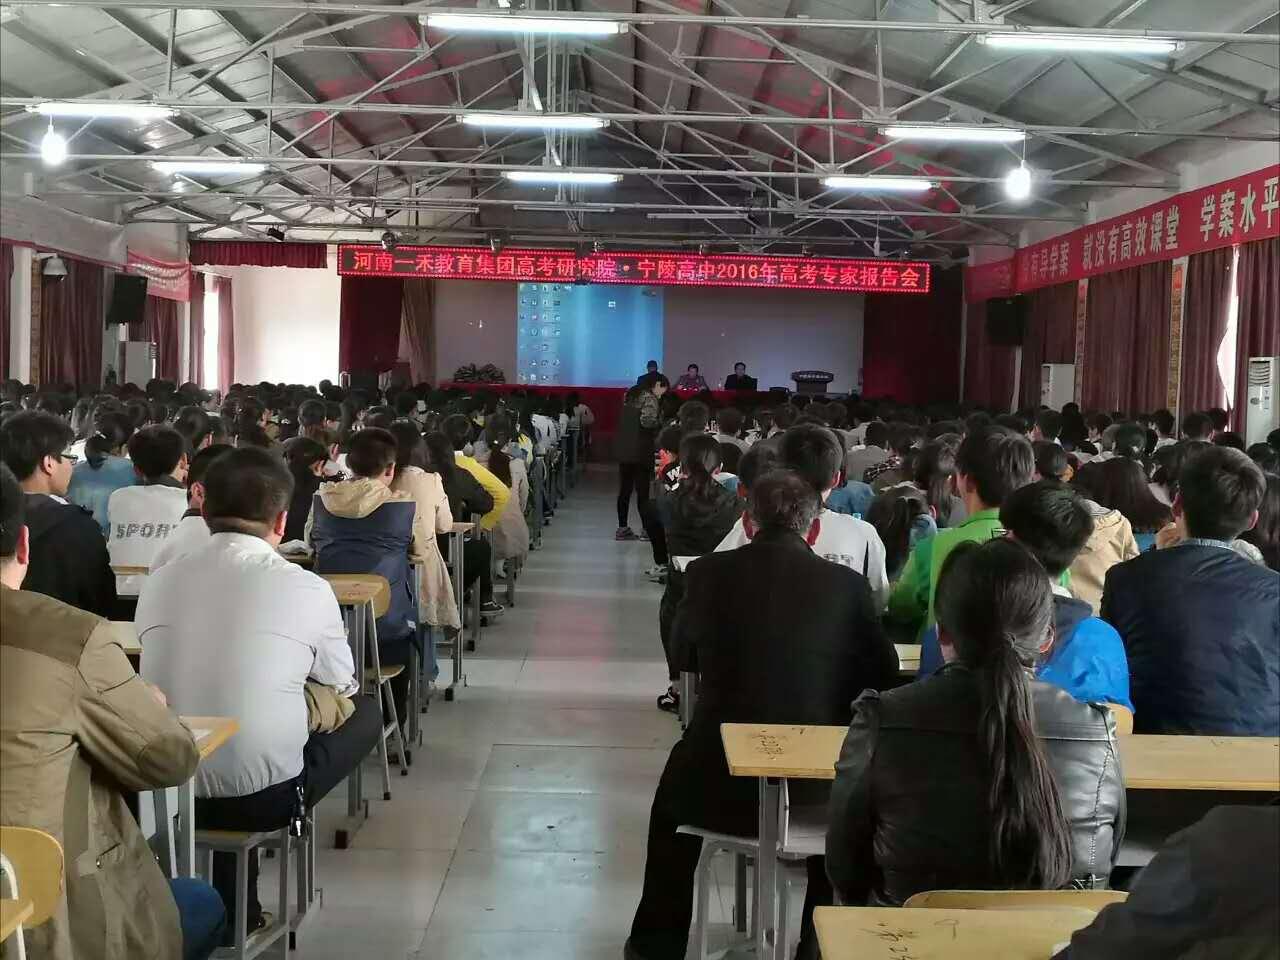 河南必威官方网页必威中国网站集团2016年高考集训宁陵专场